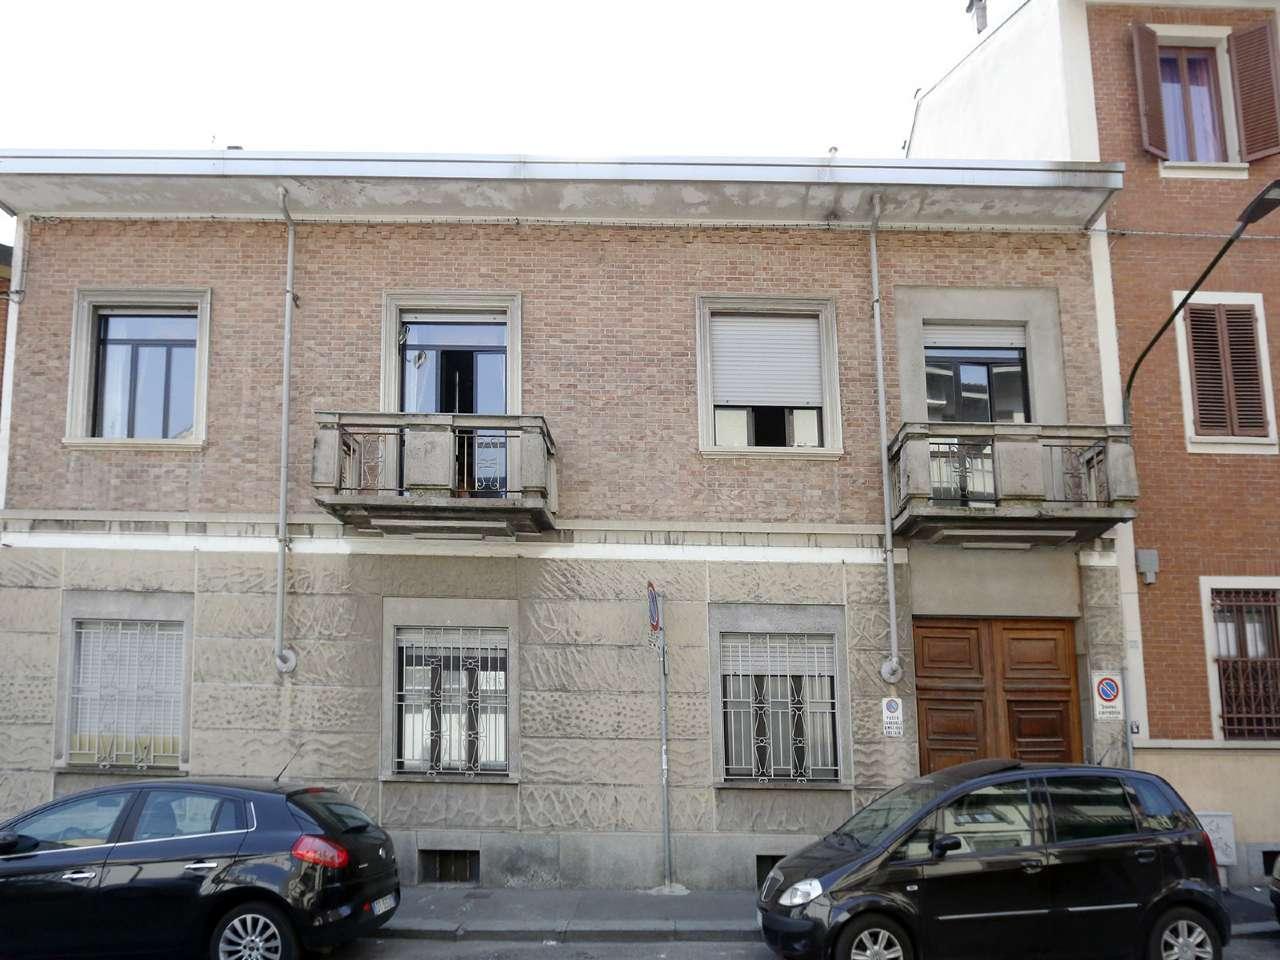 Palazzo/Palazzina/Stabile in vendita - 415 mq